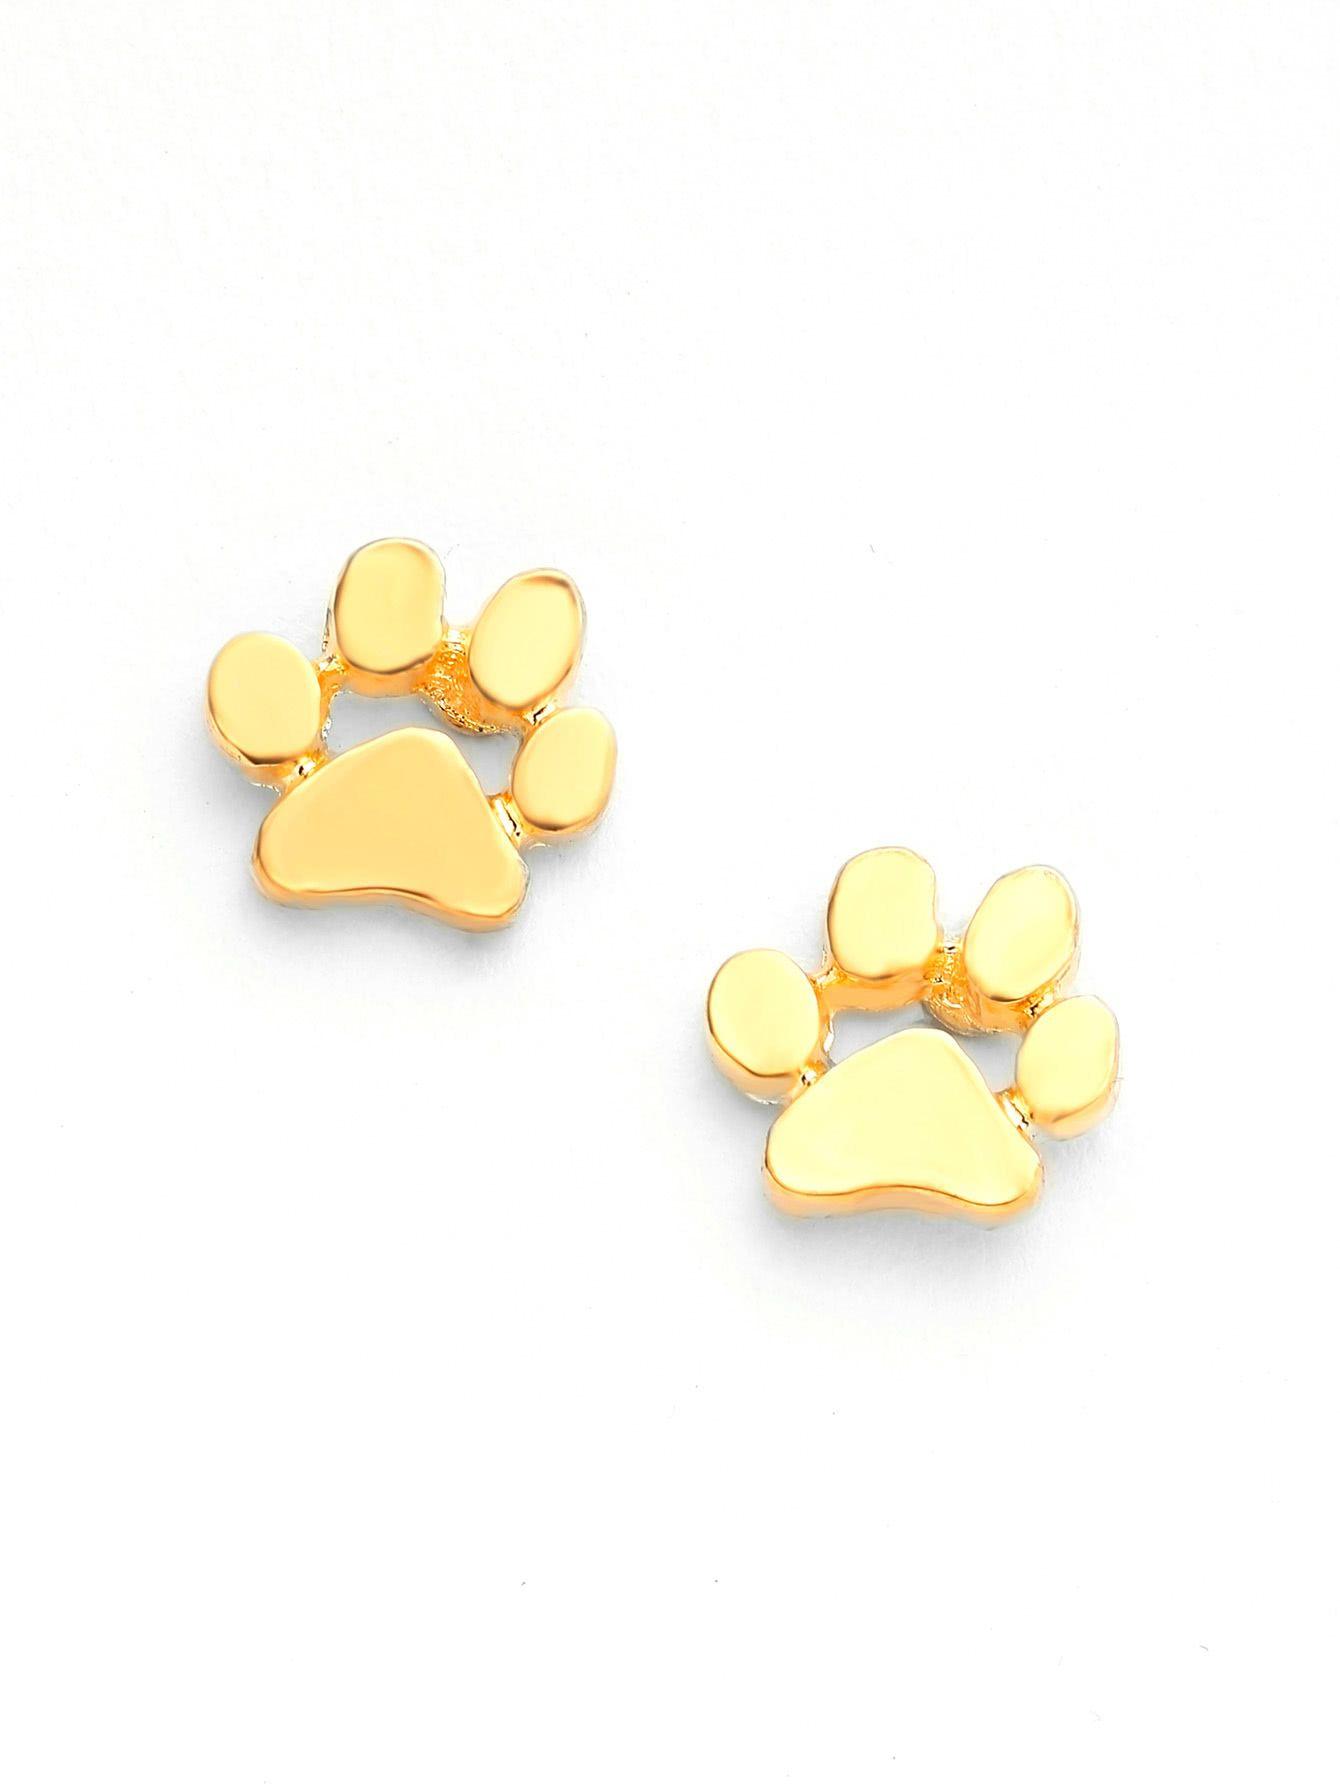 Metal Paw Cute Stud Earrings design Pinterest